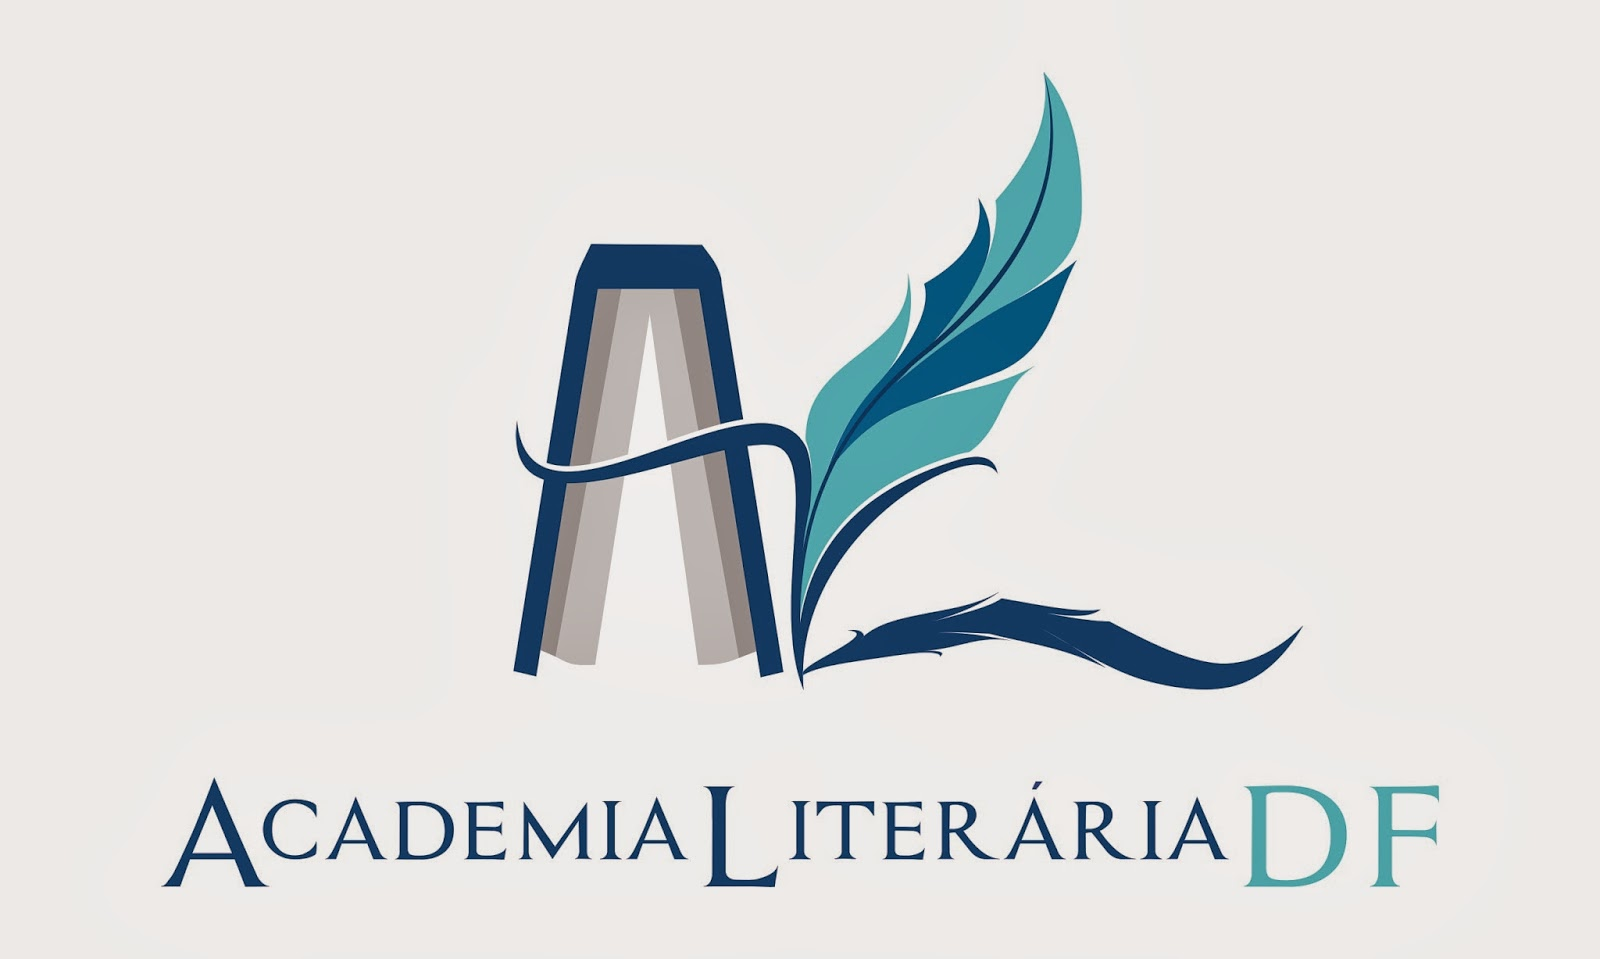 Logo da Academia Literária DF